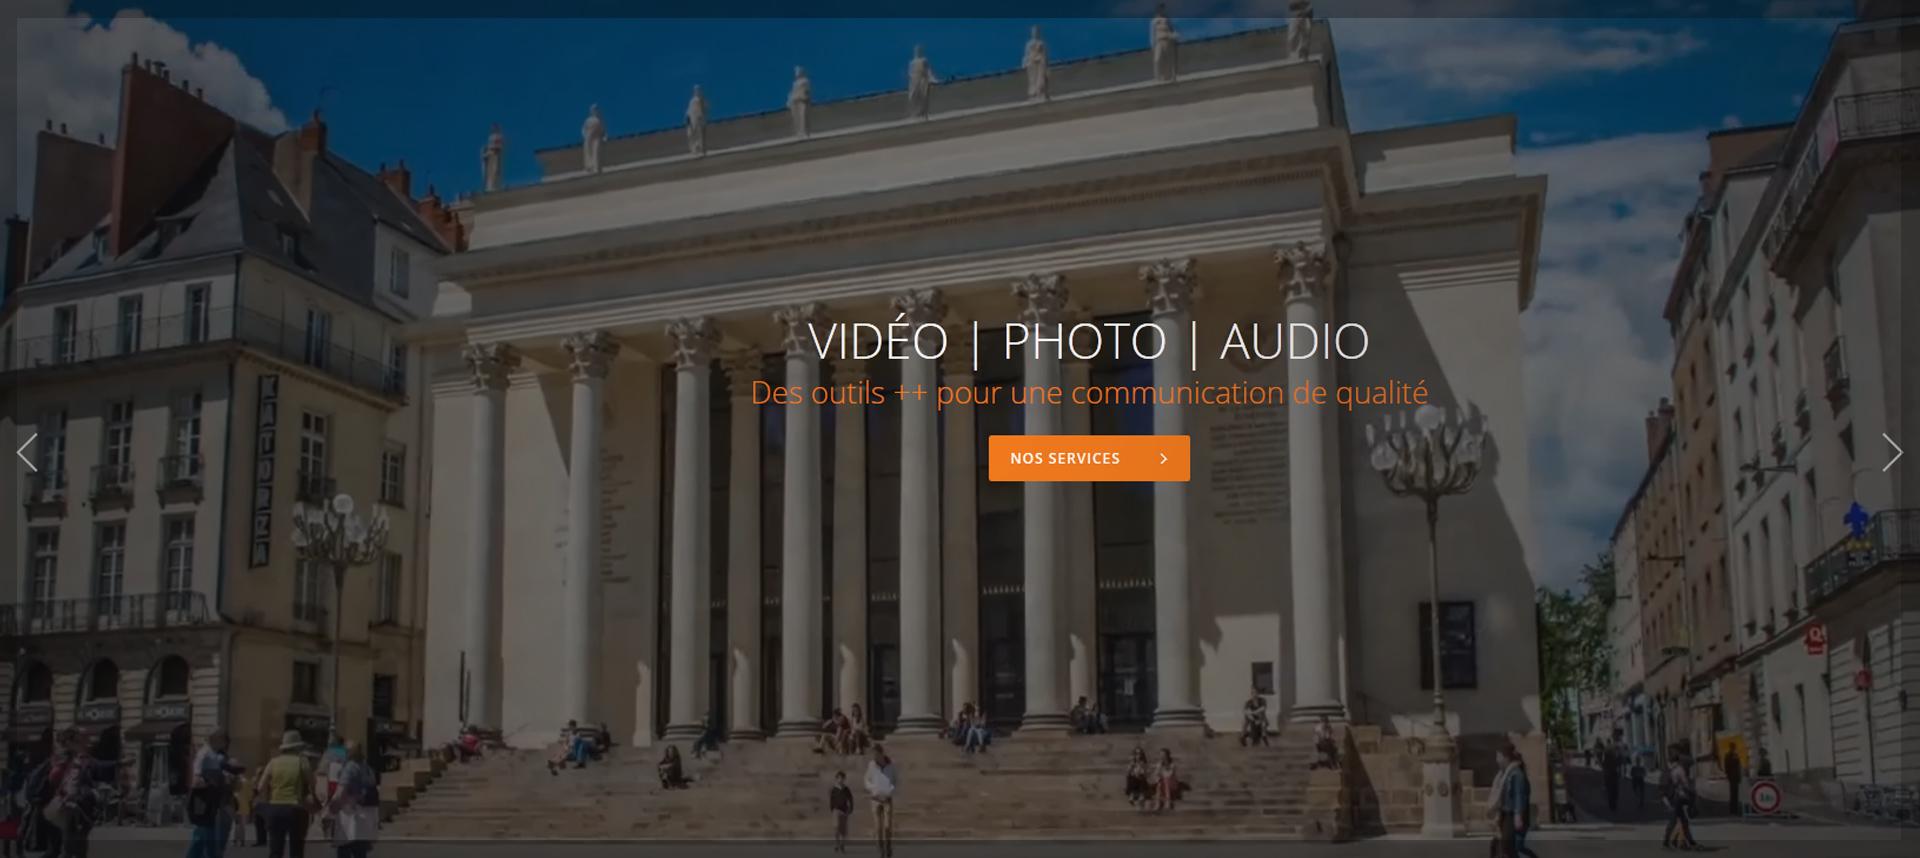 VIDEO | PHOTO | AUDIO